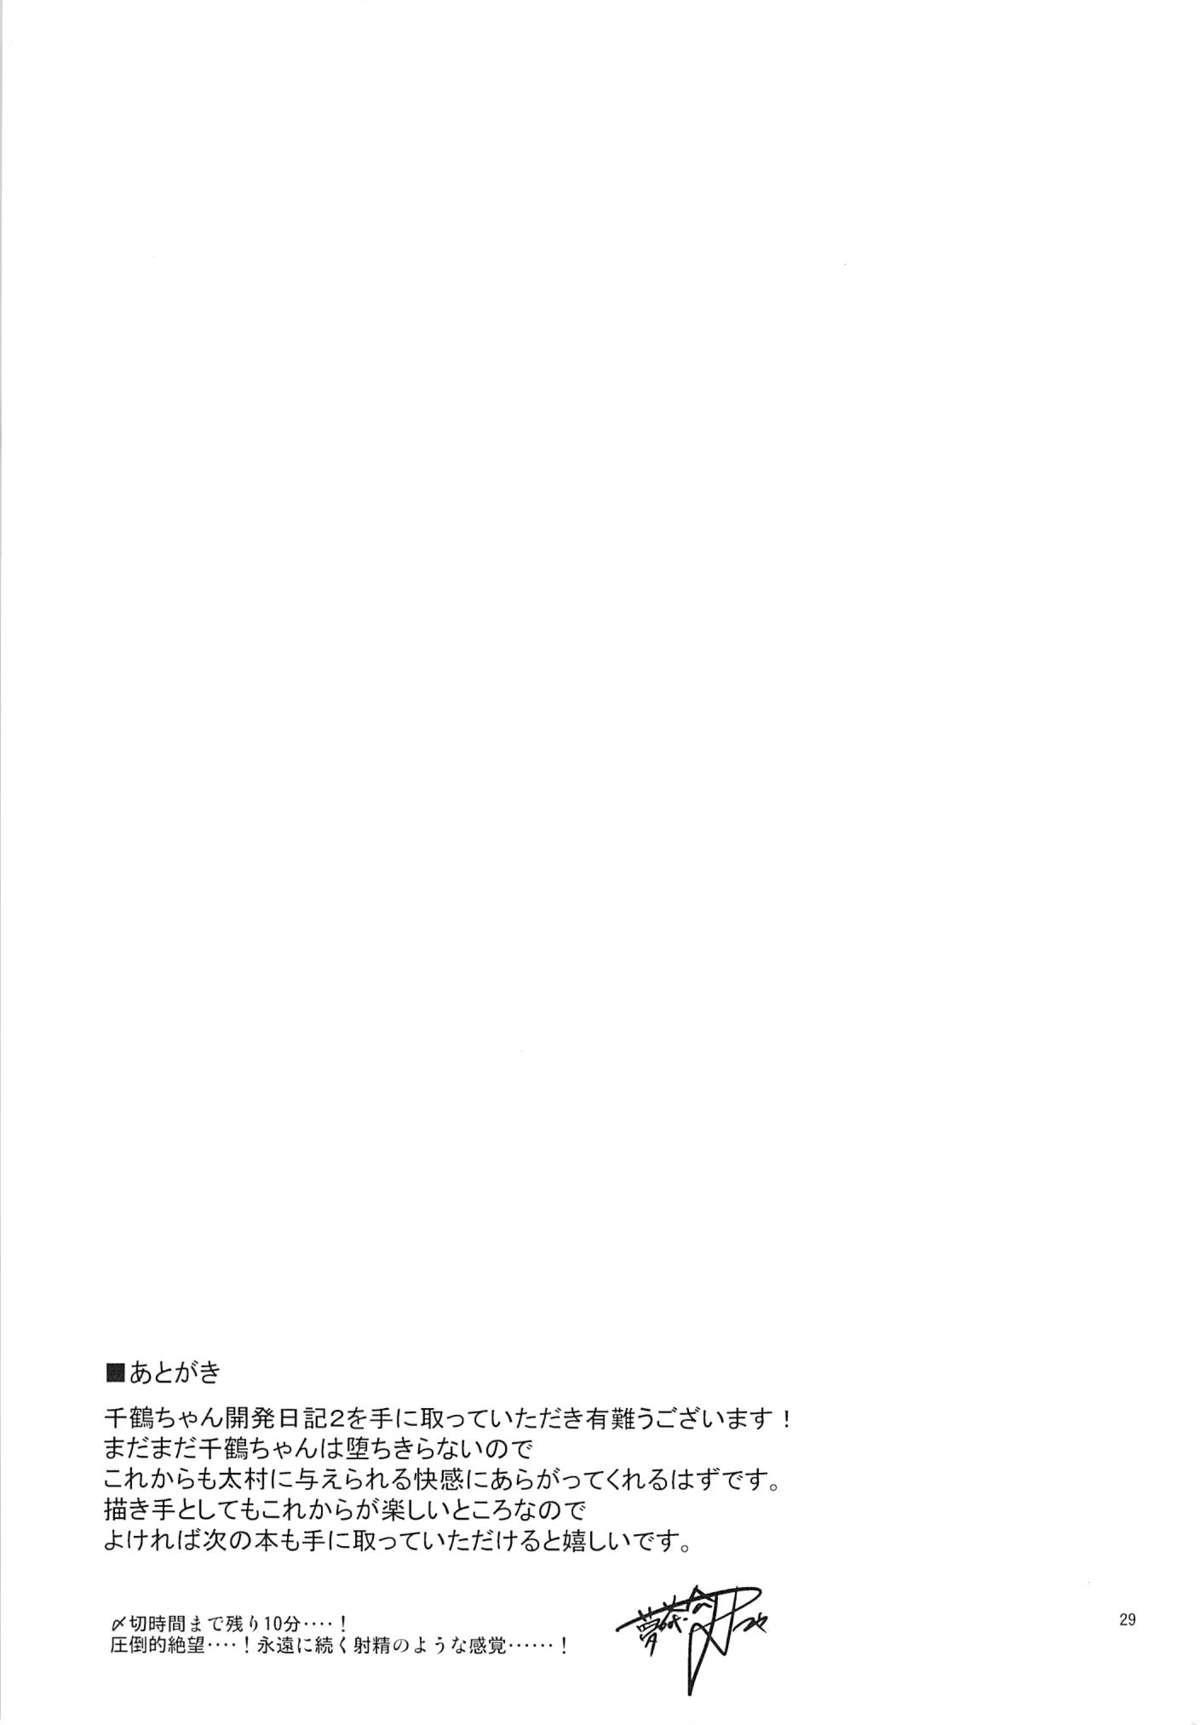 Chizuru-chan Kaihatsu Nikki 2 27